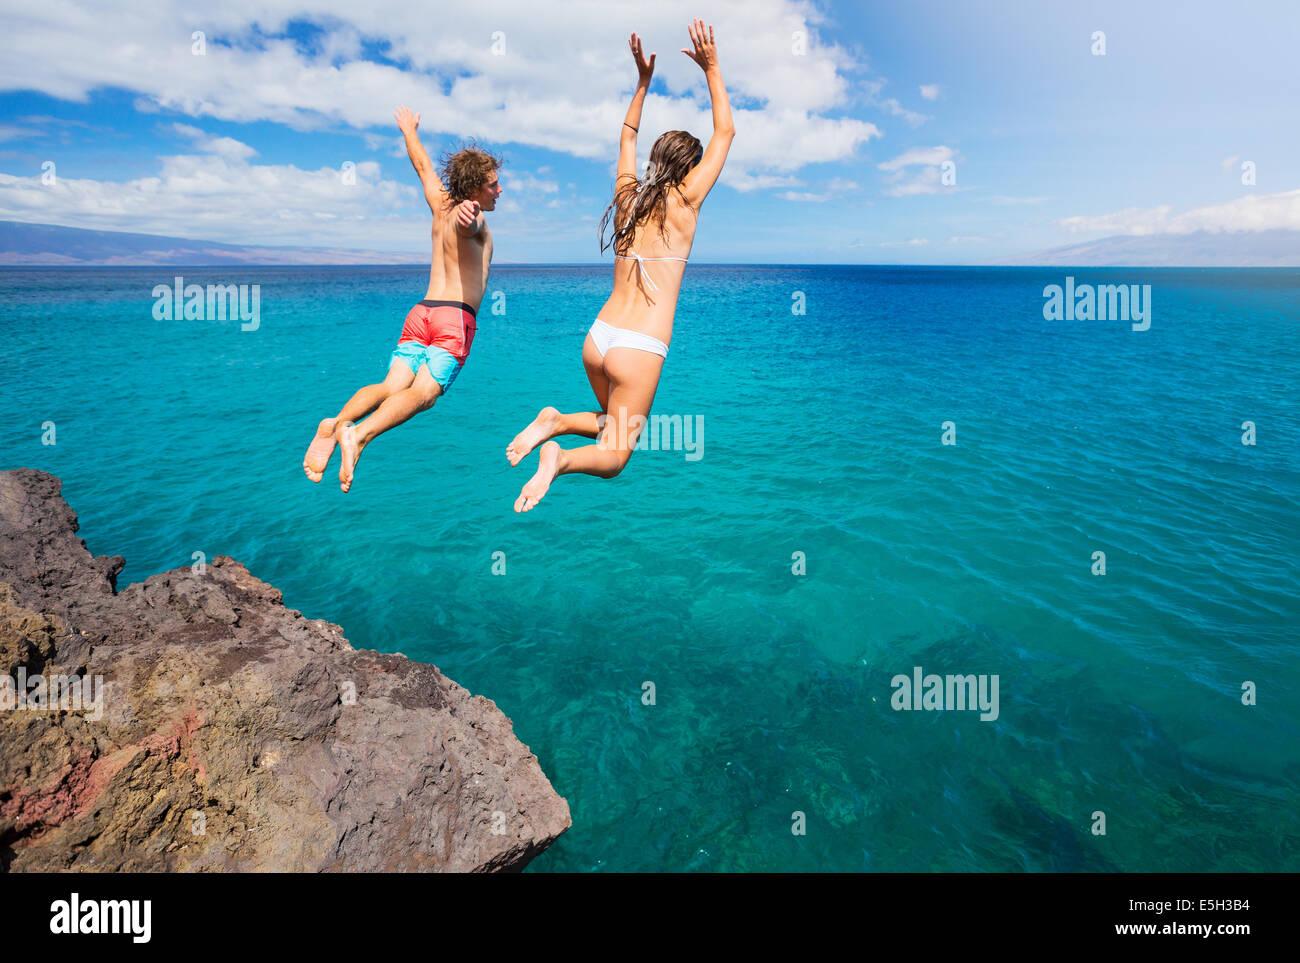 Amici cliff jumping nell'oceano, estate divertimento stile di vita. Immagini Stock